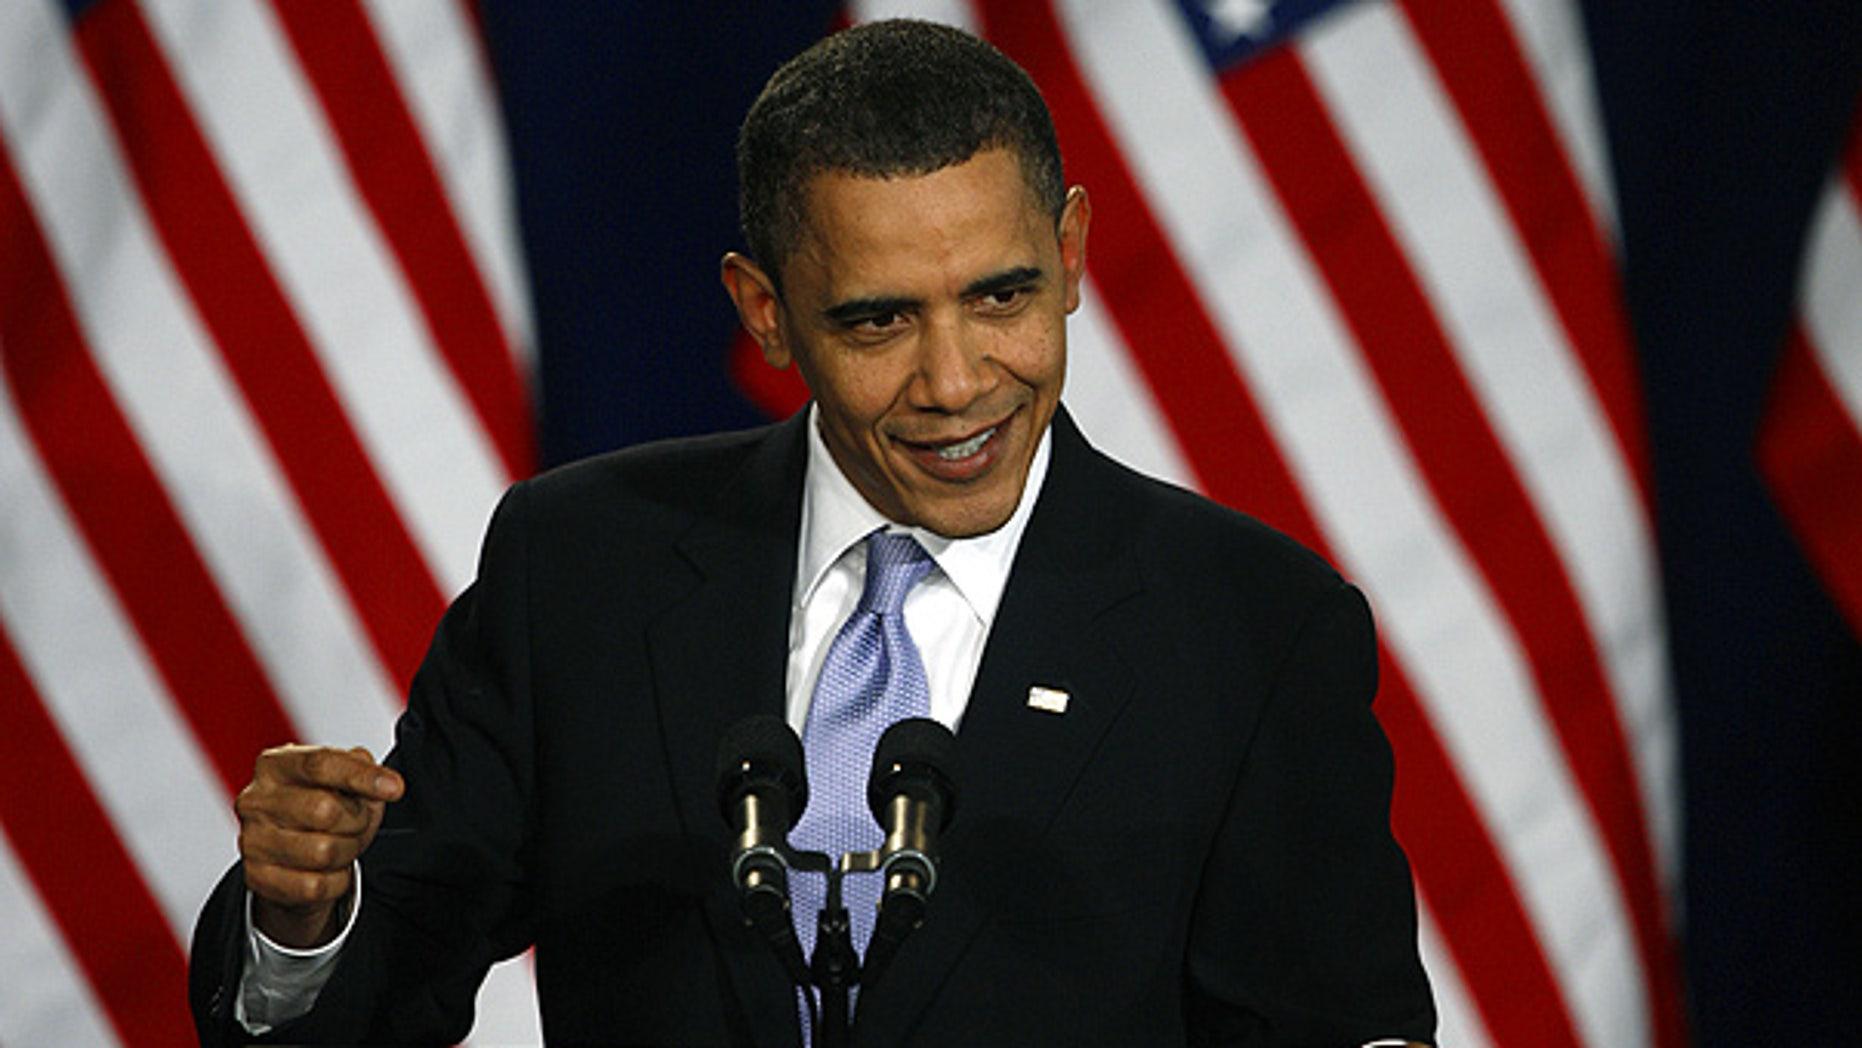 Feb. 18: President Obama speaks at a fundraiser for Sen. Michael Bennet in Denver.